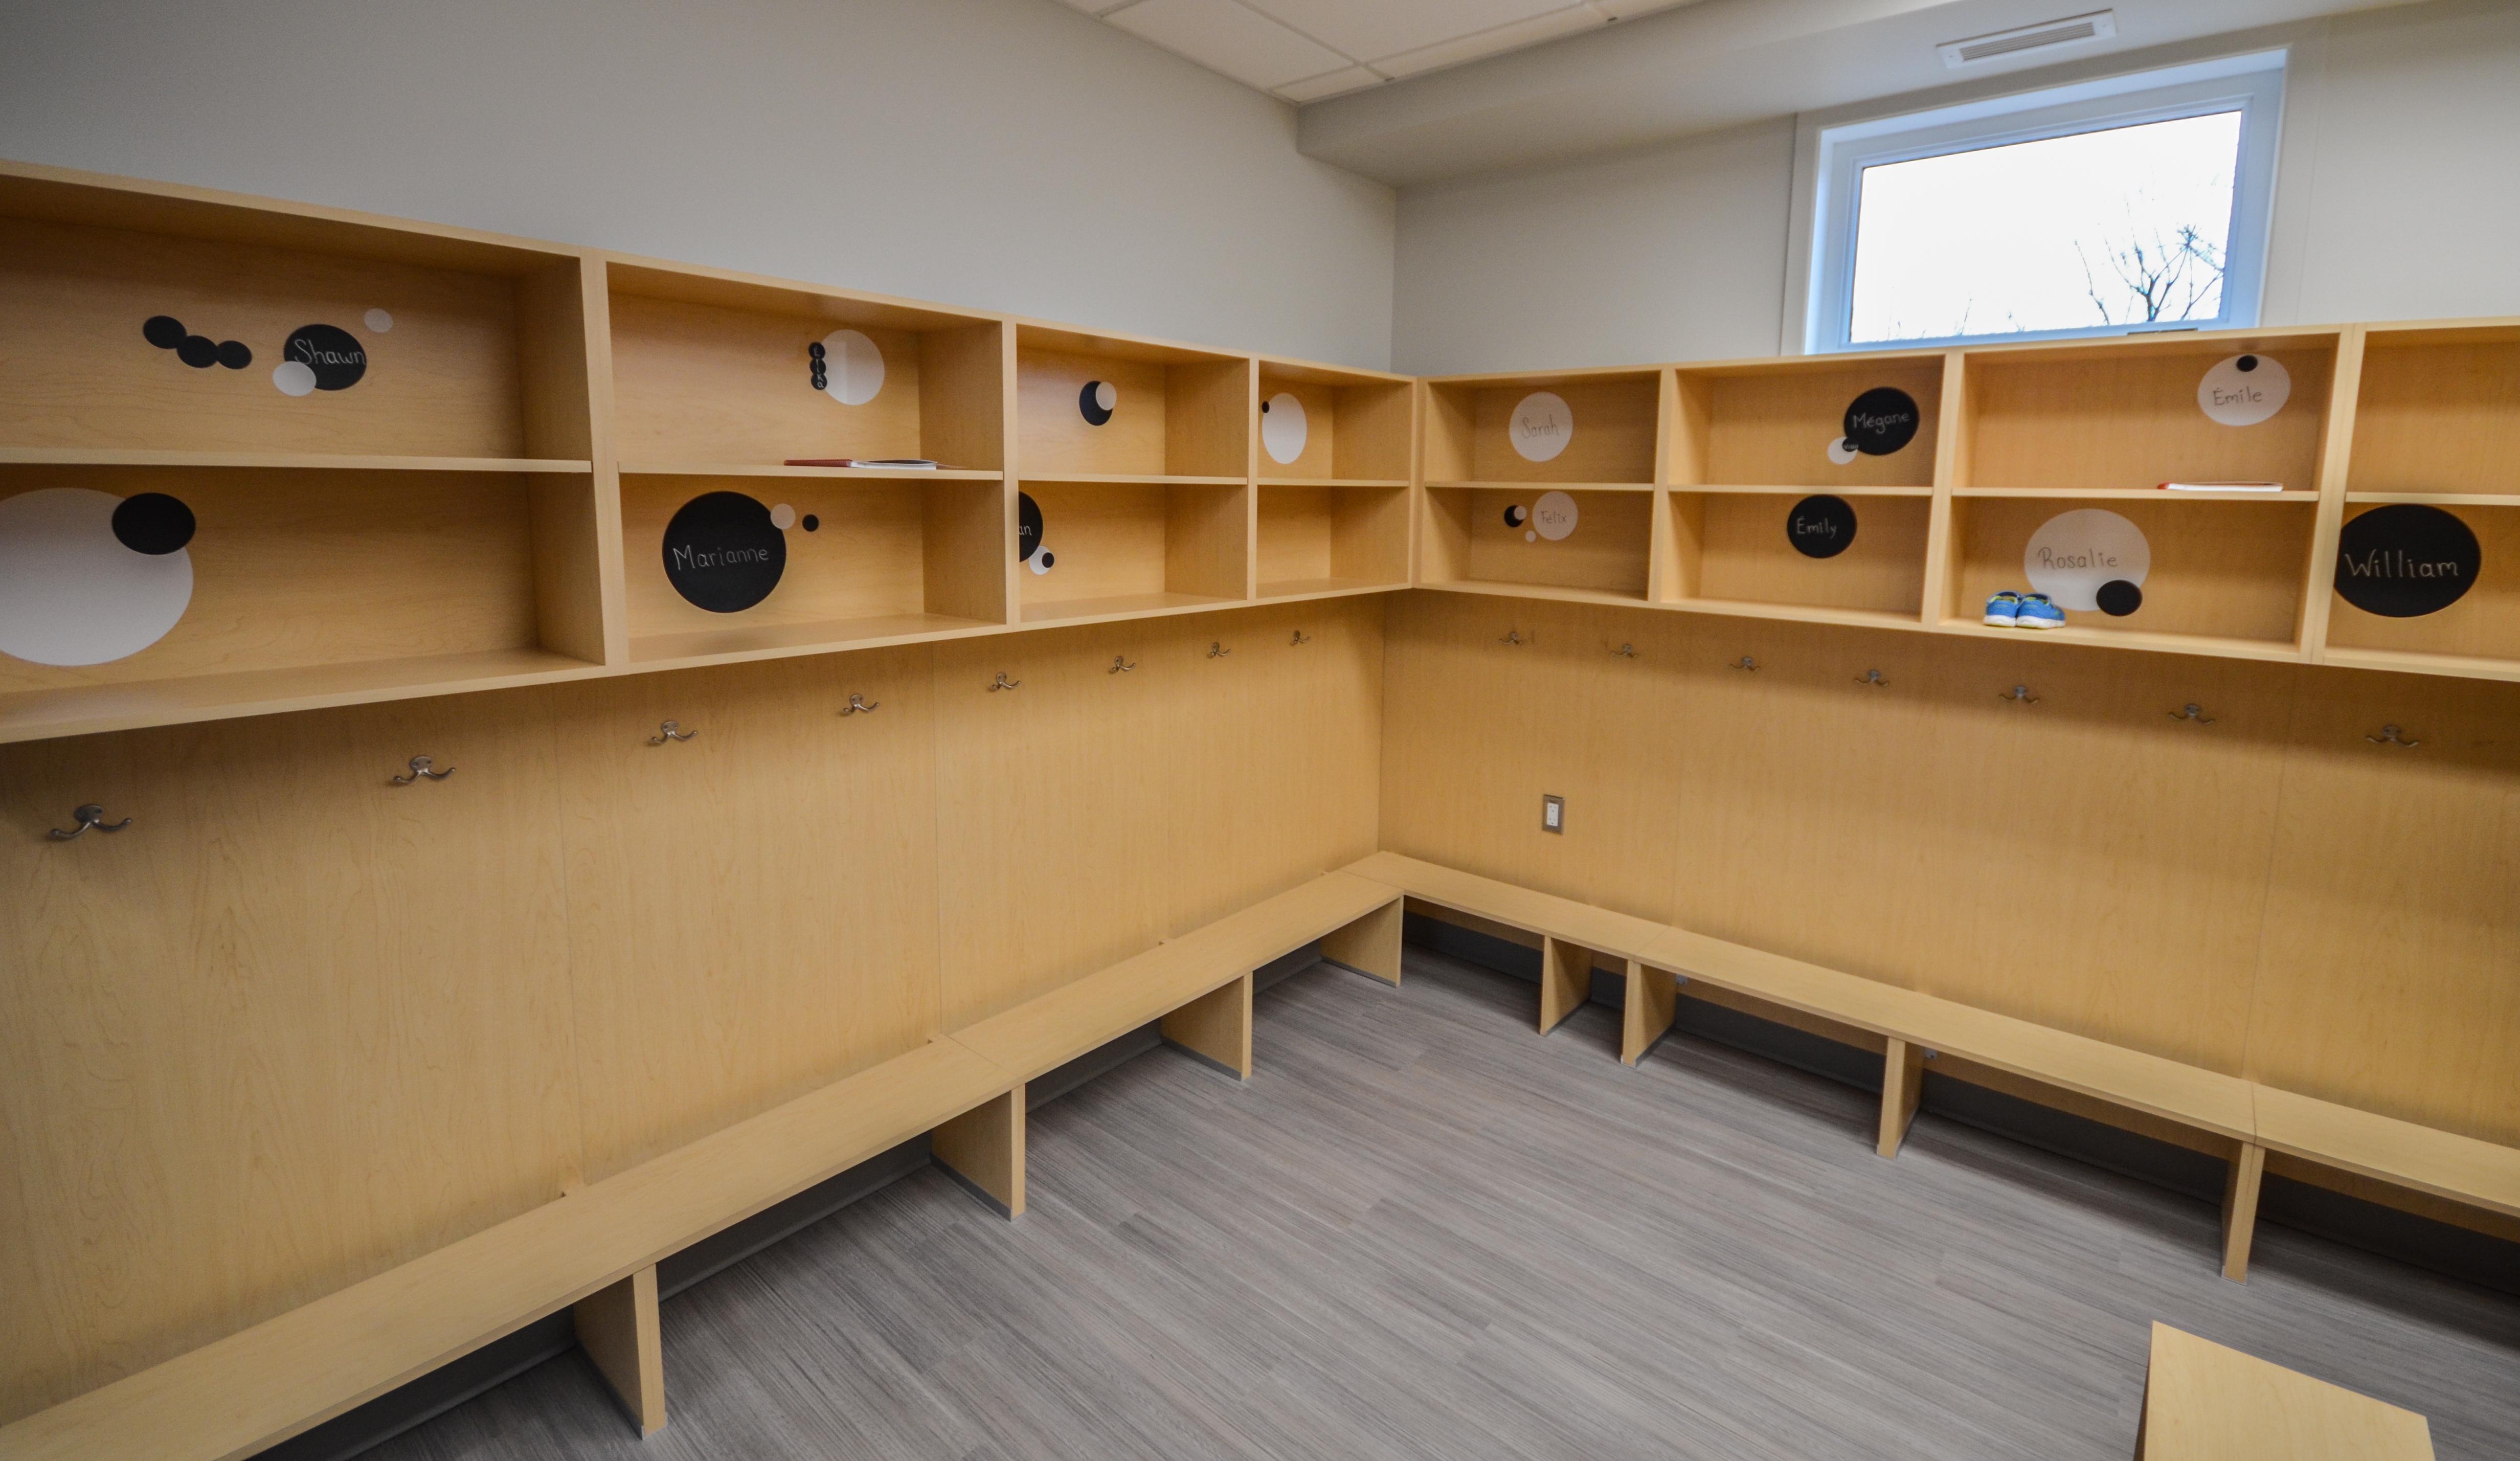 Garderie monsieur peluche archives armoires de cuisine for Armoires de cuisine et plus inc